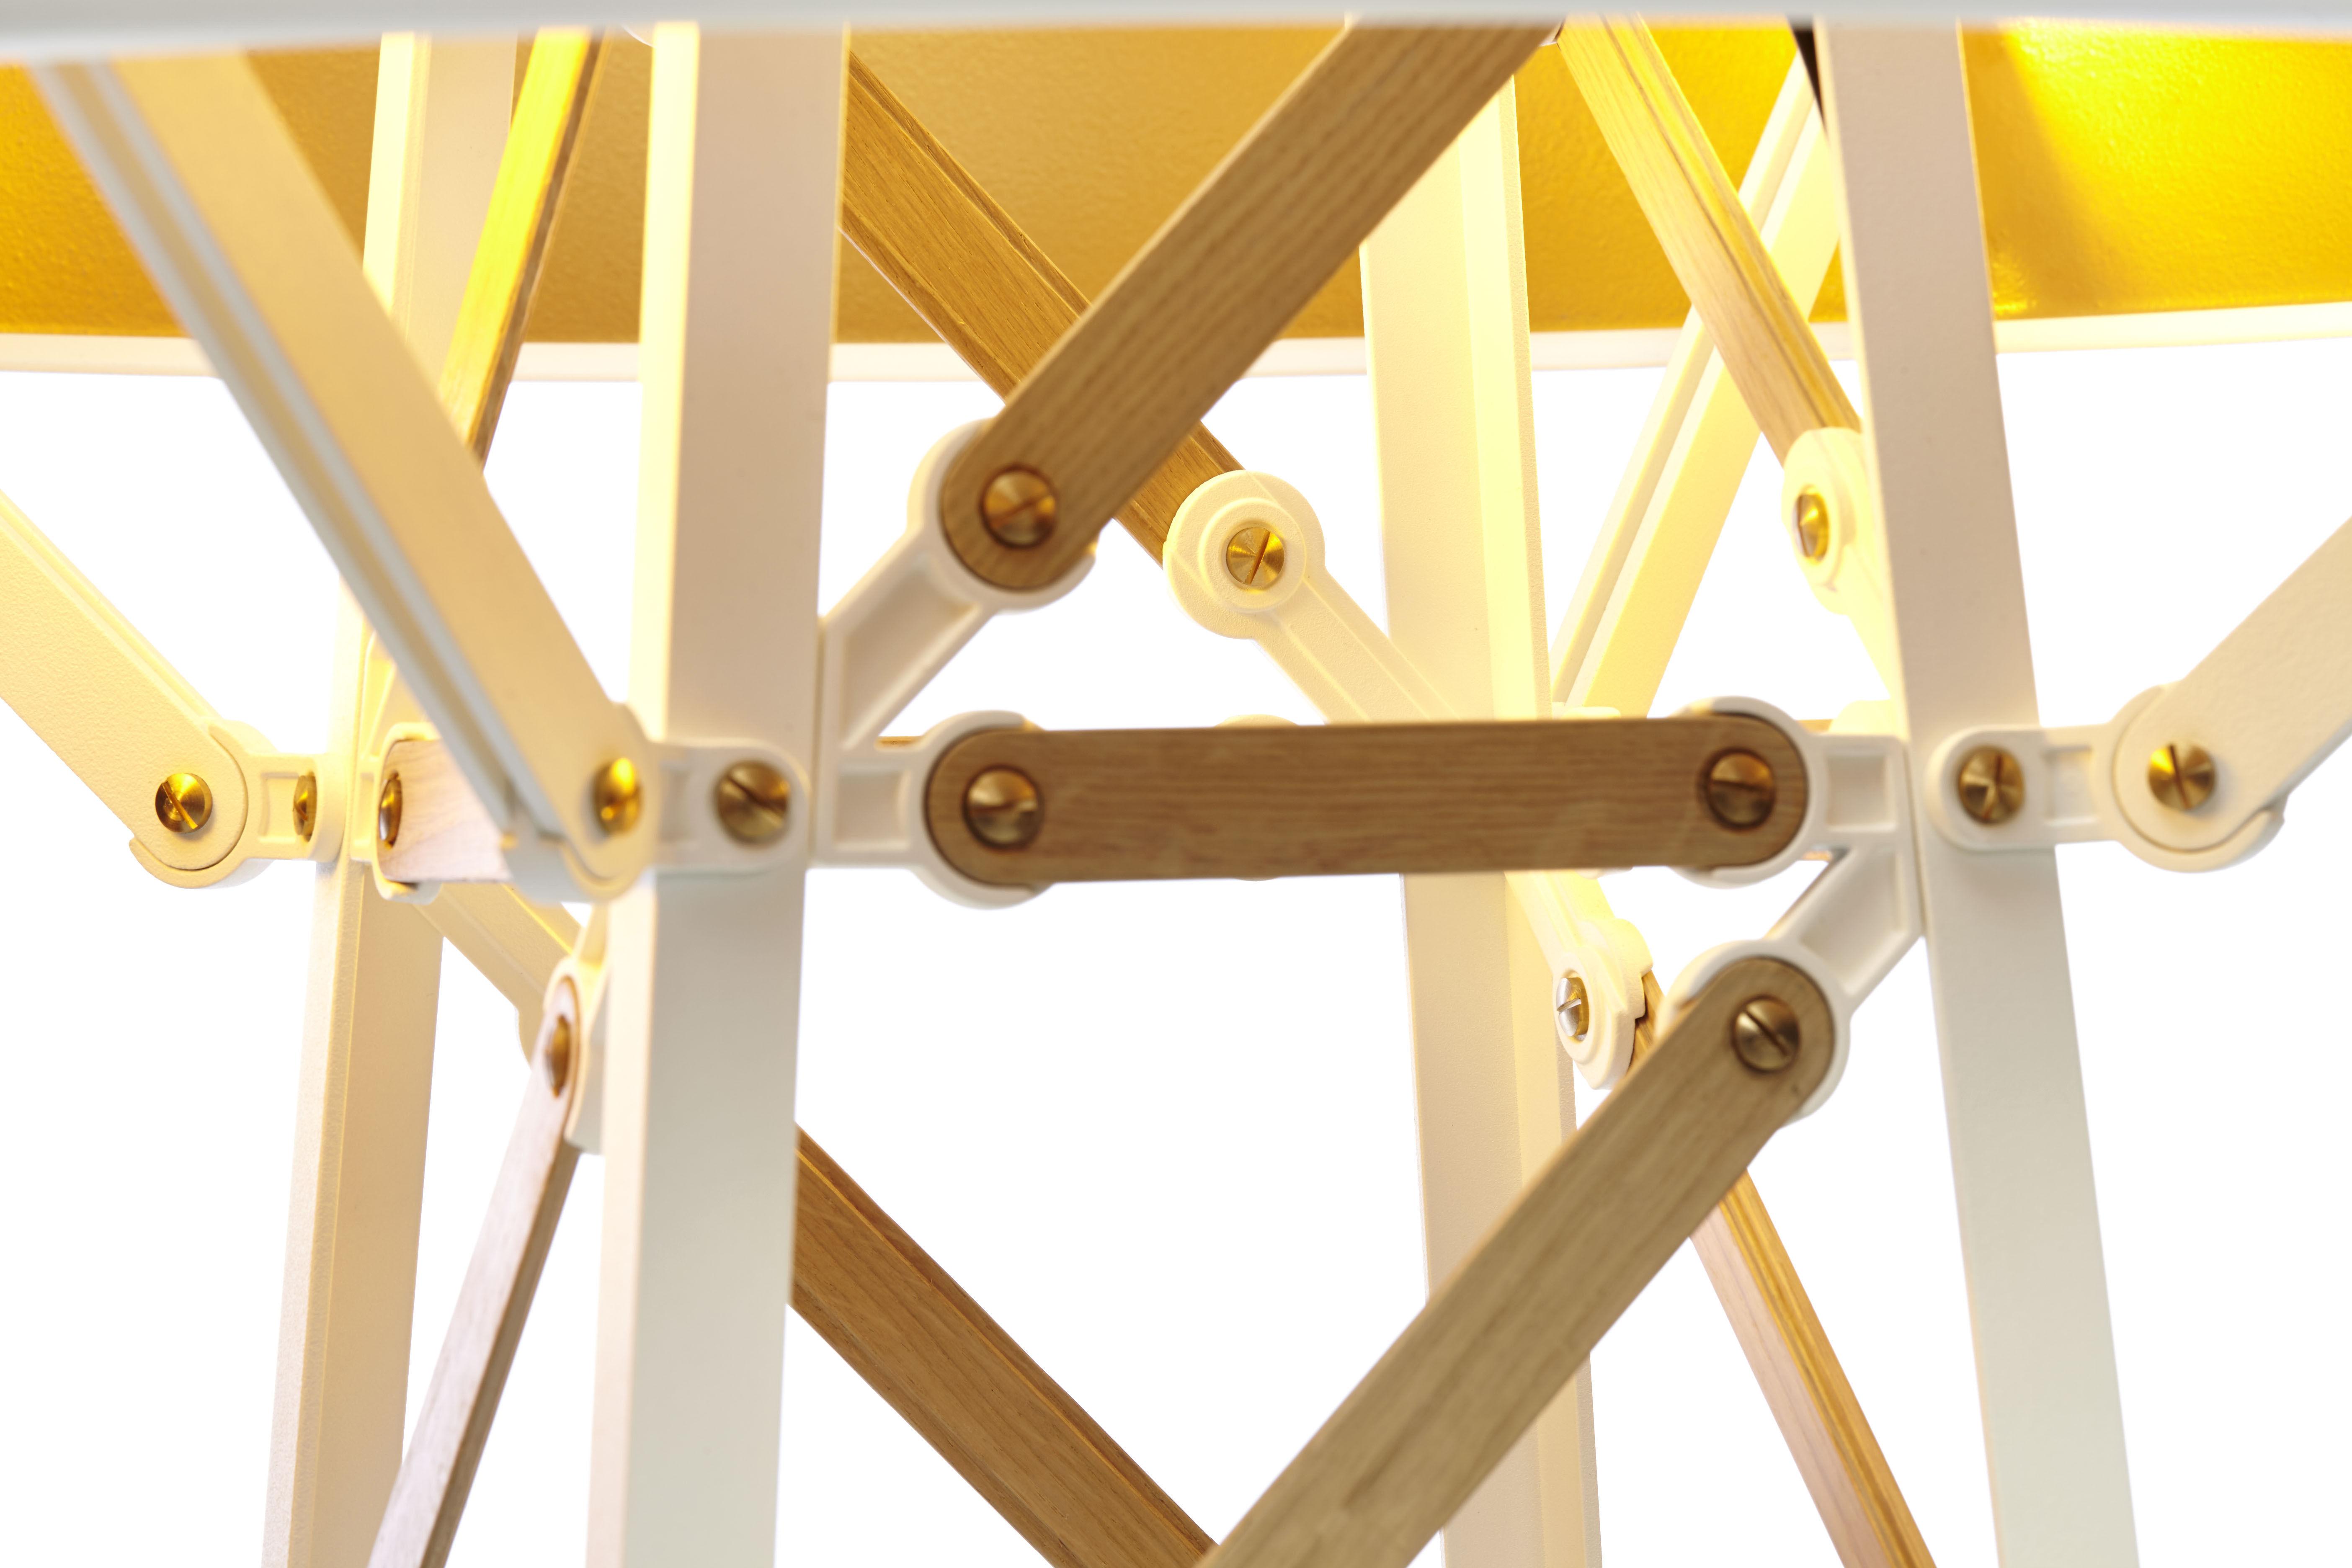 Lampadaire construction lamp small h 87 cm bois naturel for Construction bois 87